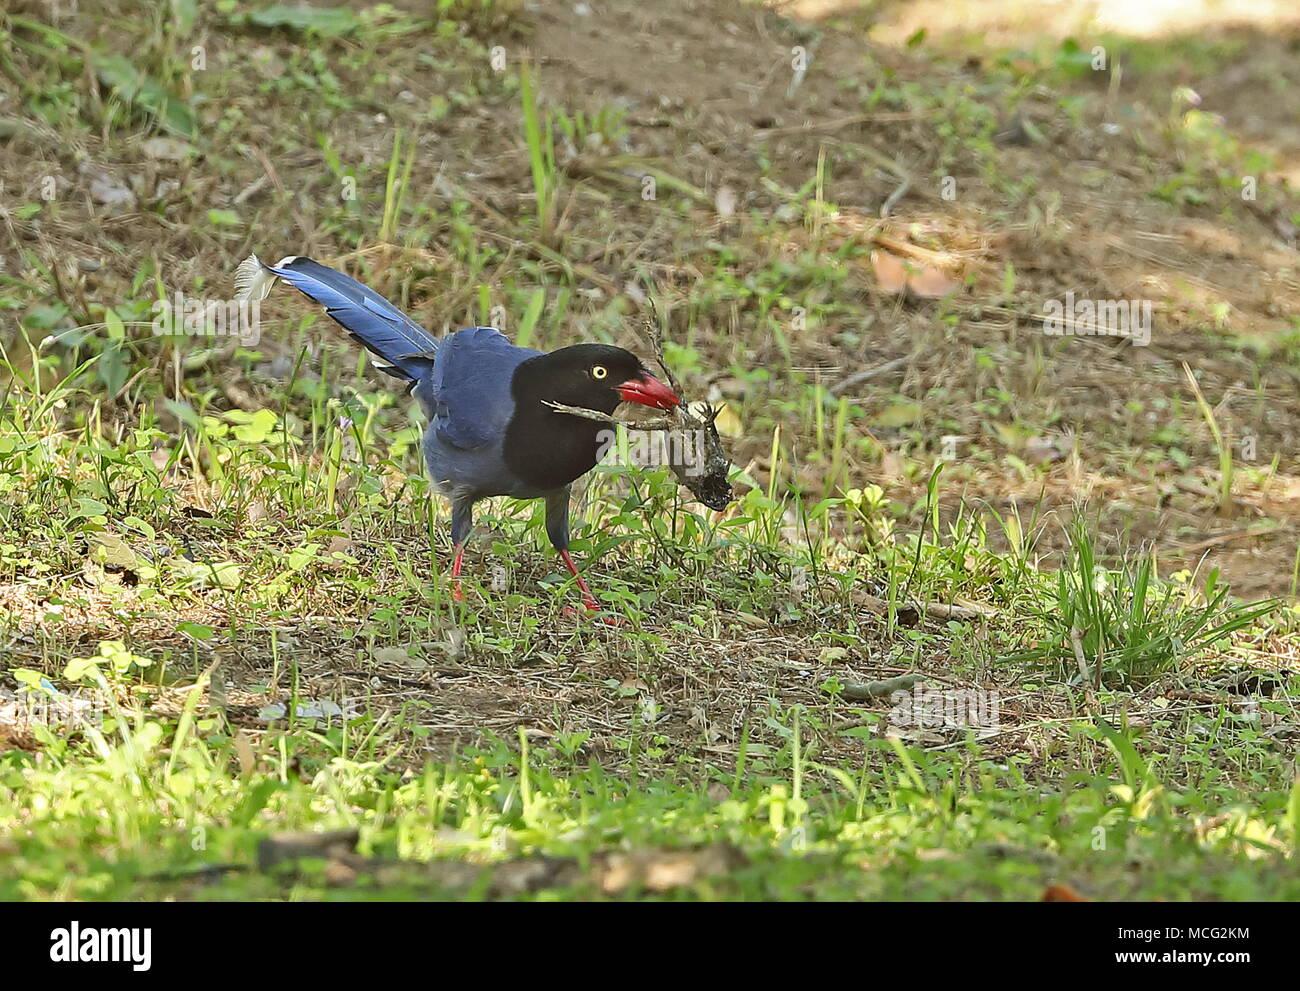 Taiwan Blue Magpie (Urocissa caerulea) adulte sur le sol avec des corps d'un crapaud ou grenouille desicated Jinshan, avril Taiwan Photo Stock